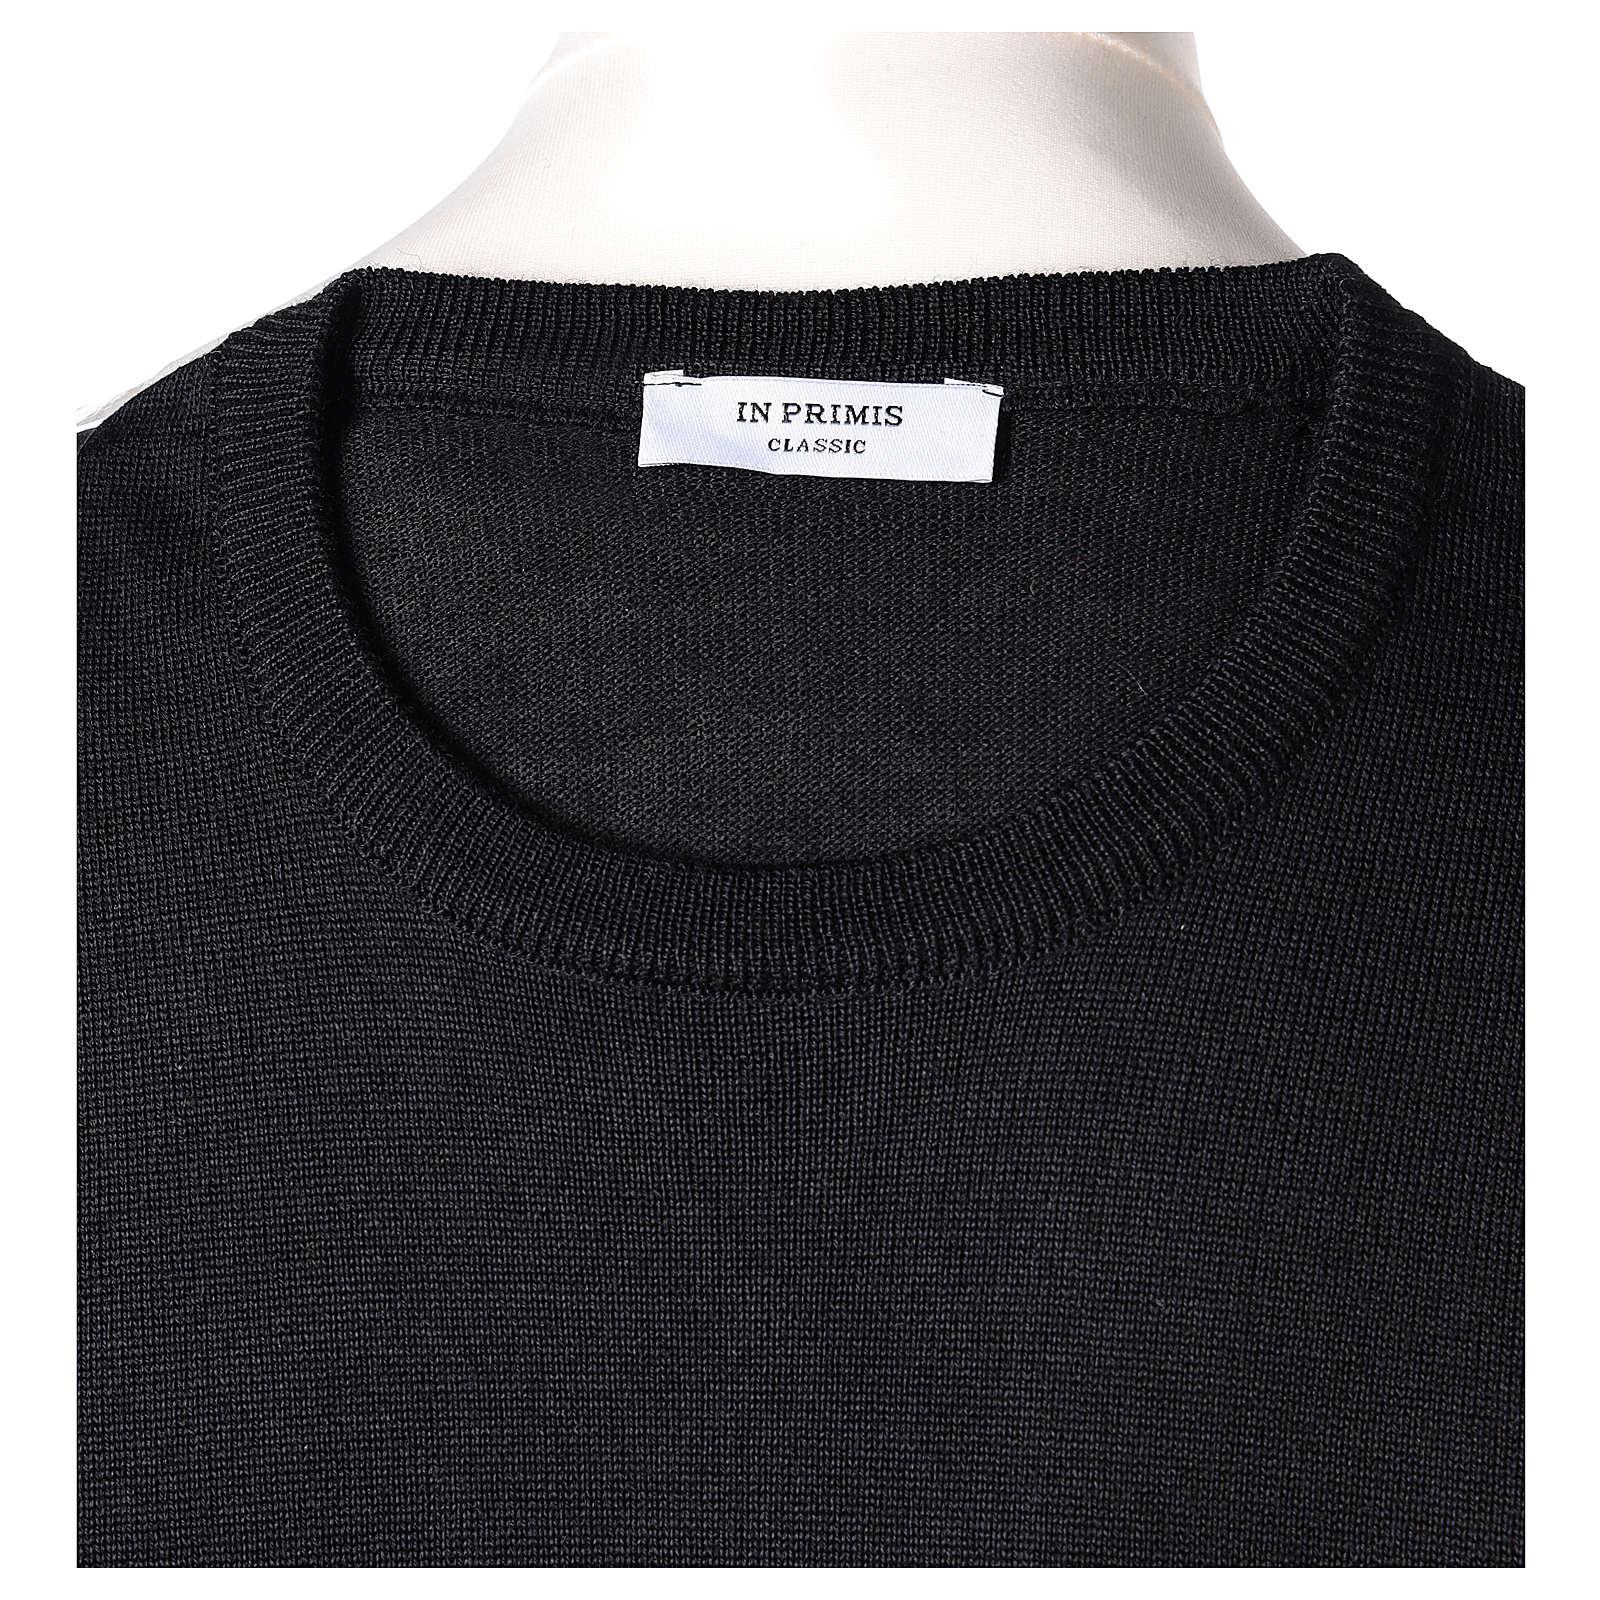 Pullover sacerdote nero girocollo a maglia rasata 50% lana merino 50% acrilico In Primis 4